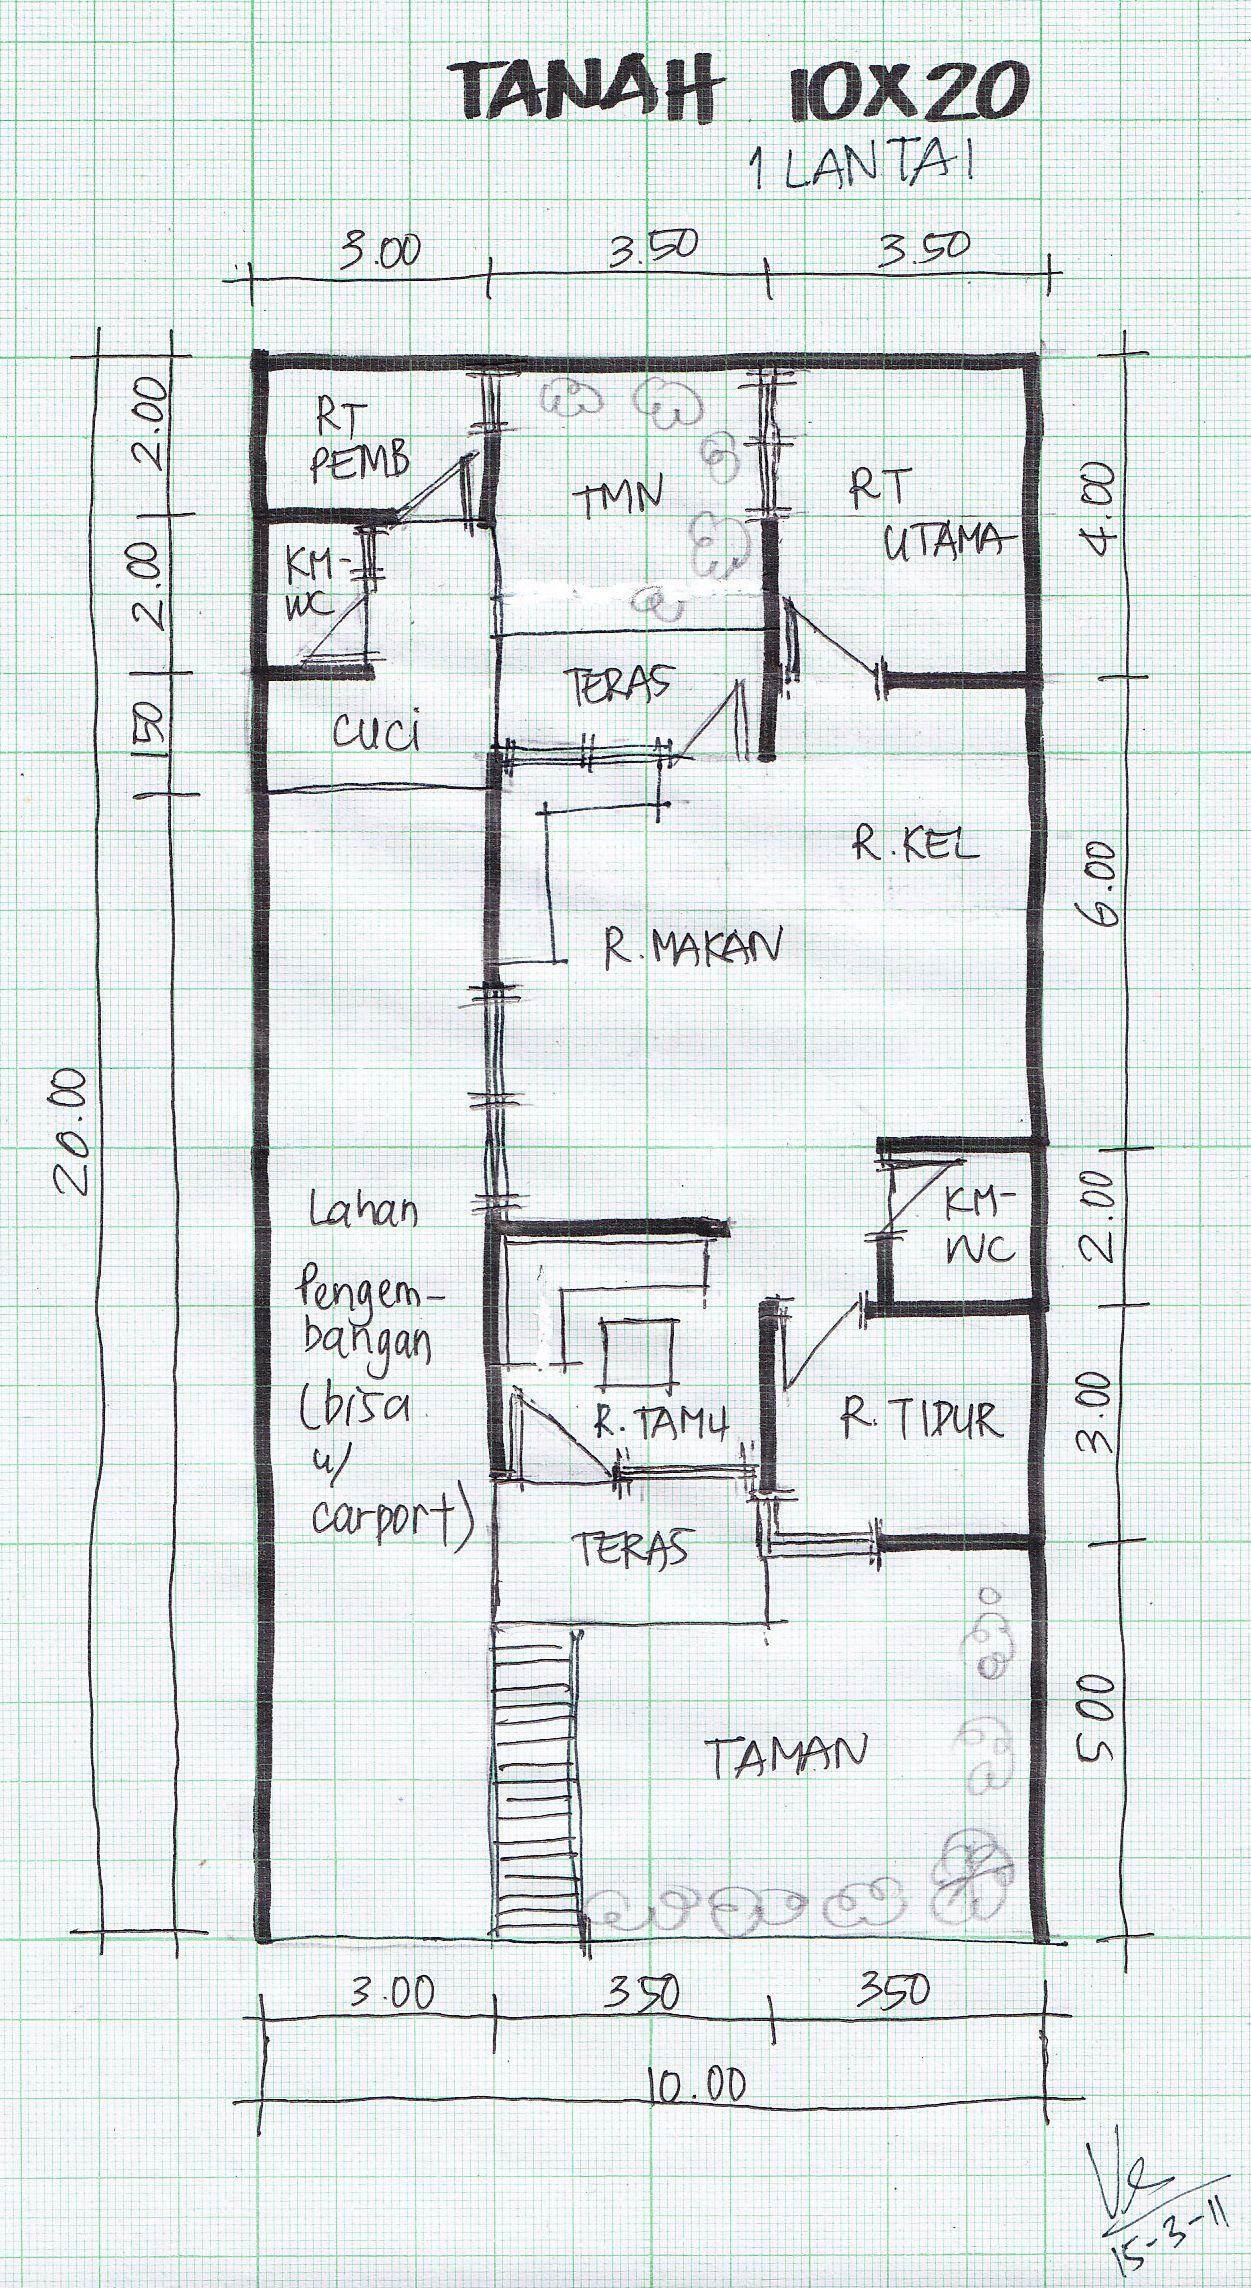 103 Gambar Rumah Minimalis 2 Lantai Lebar 10 Meter Gambar Desain